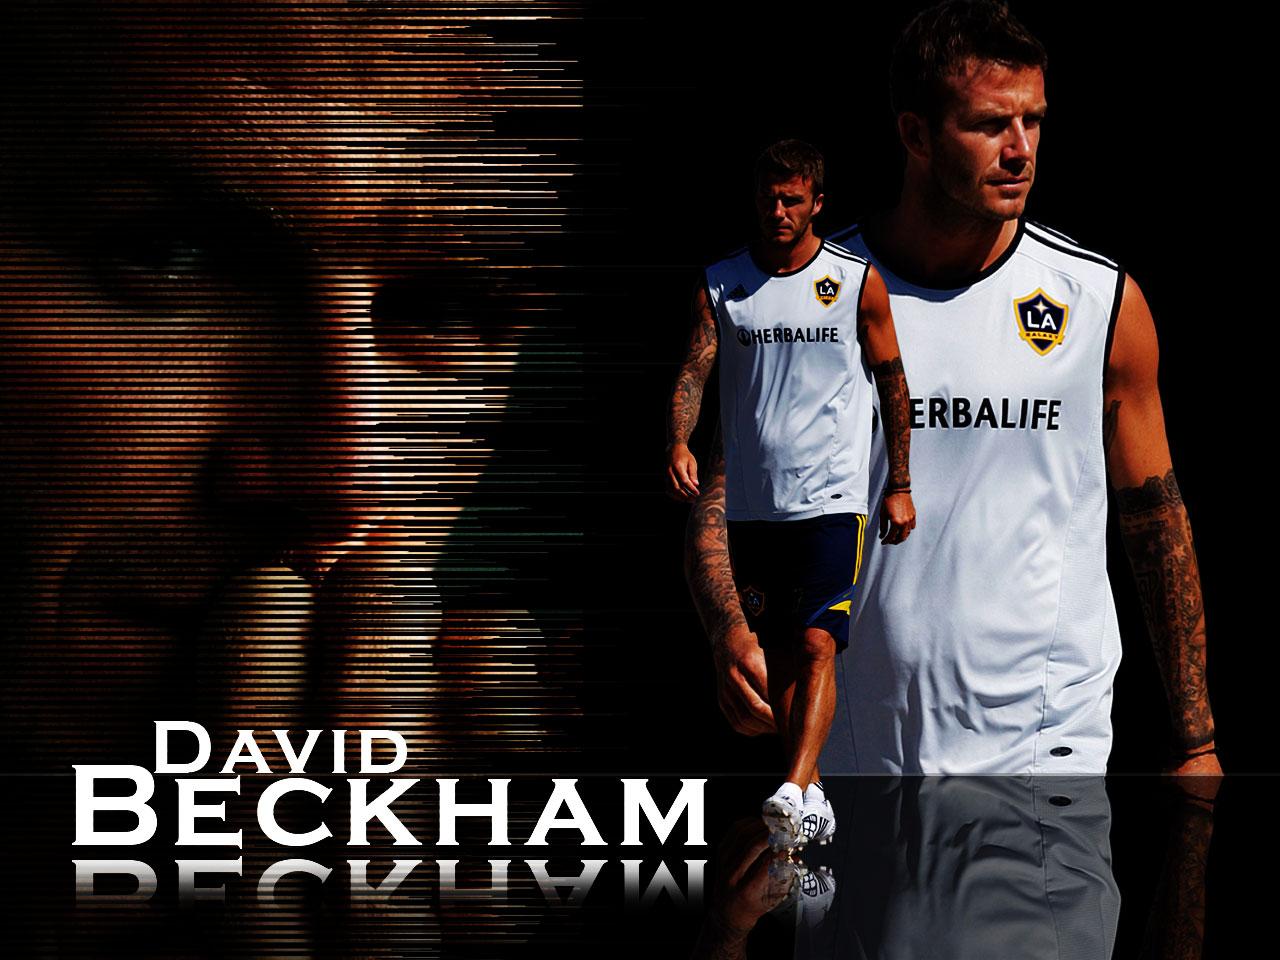 David Beckham Wallpaper 1280x960